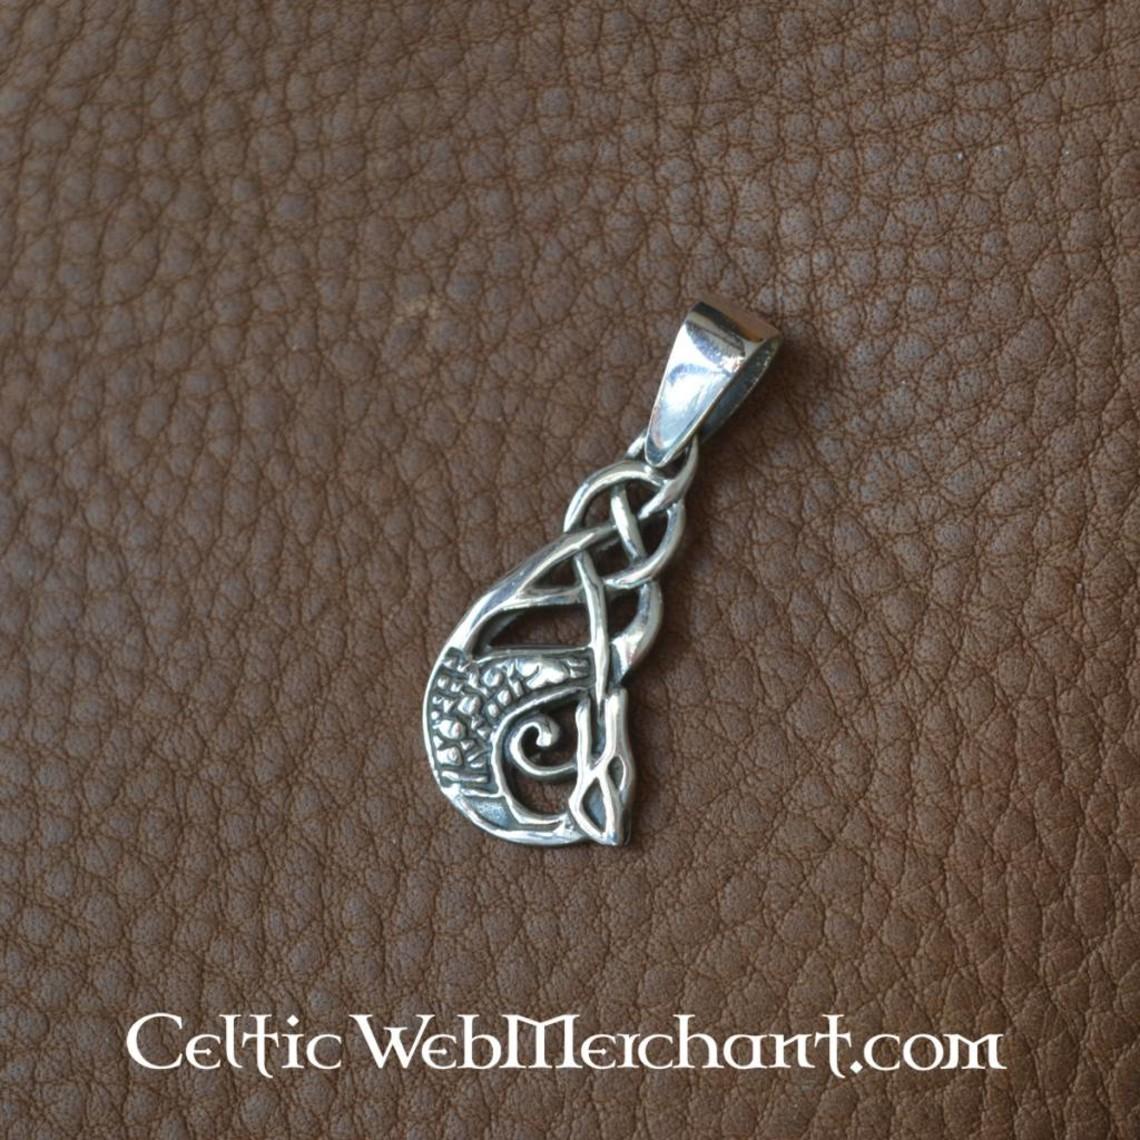 Sølv Keltisk Kelpie